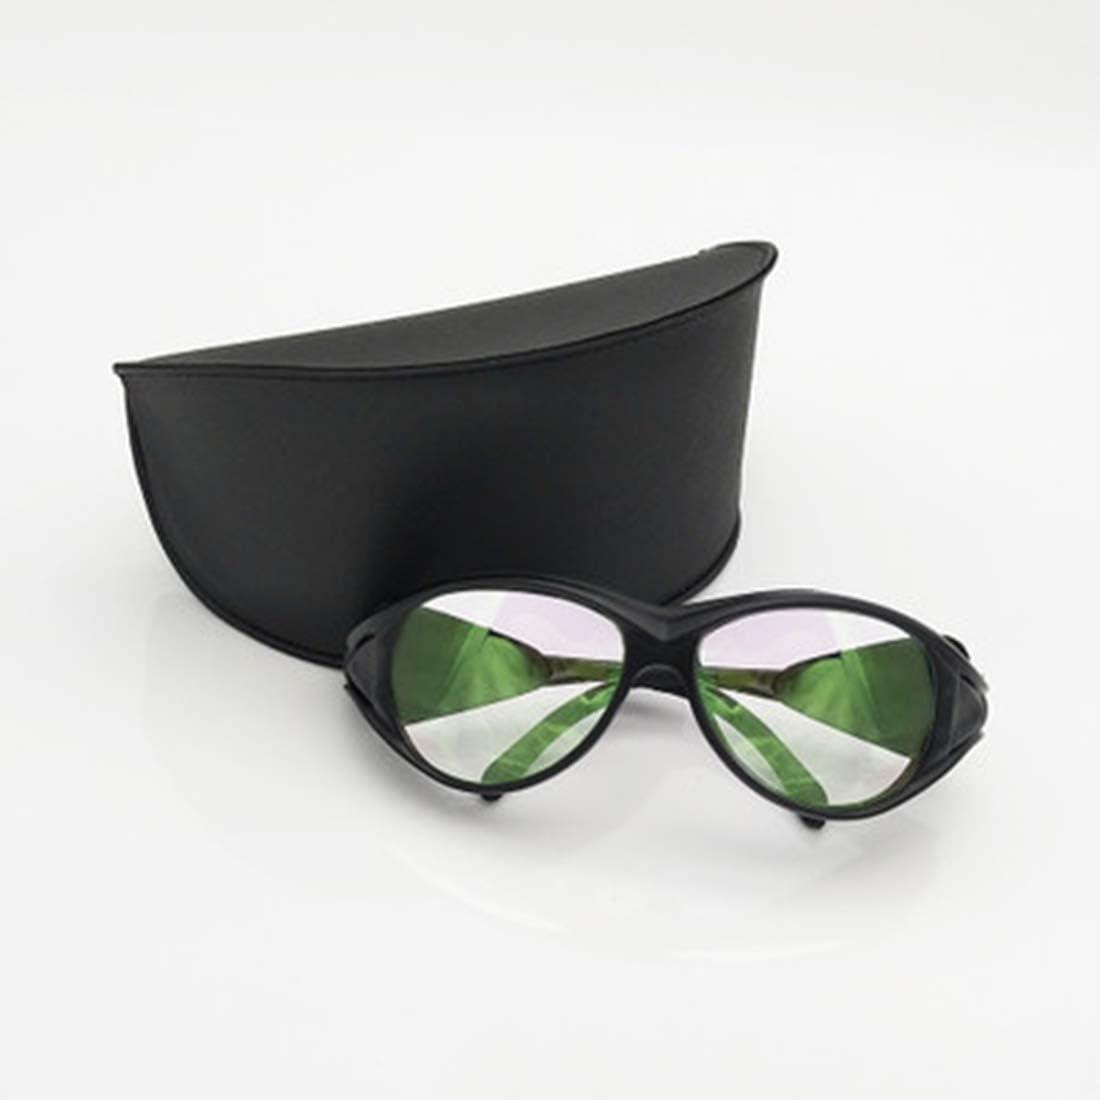 SMAA Gafas de Seguridad Profesionales de Longitud de Onda de 1064 NM, transmisión de luz del 85%, para médicos, Enfermeras, técnicos Profesionales y protección Ocular de Belleza y cosmetología, Negro